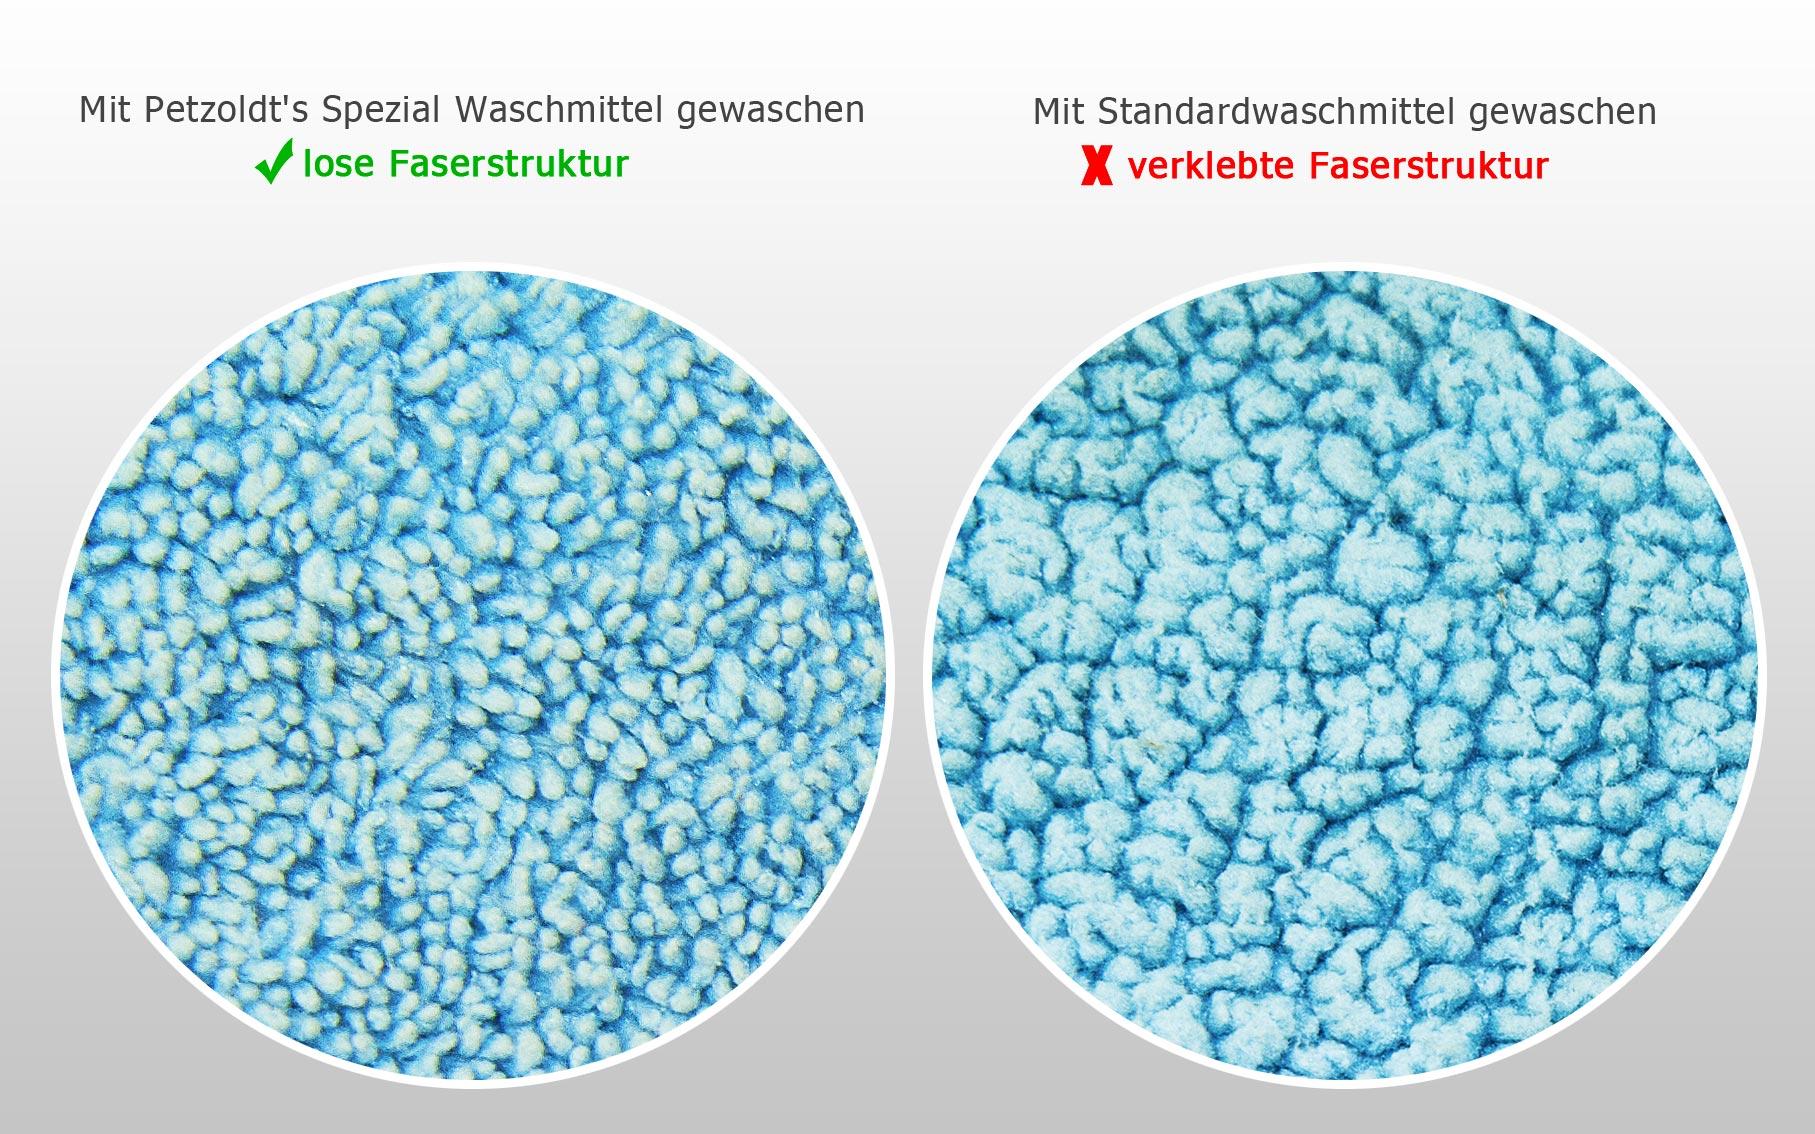 Petzoldts Spezialwaschmittel für Microfasertücher